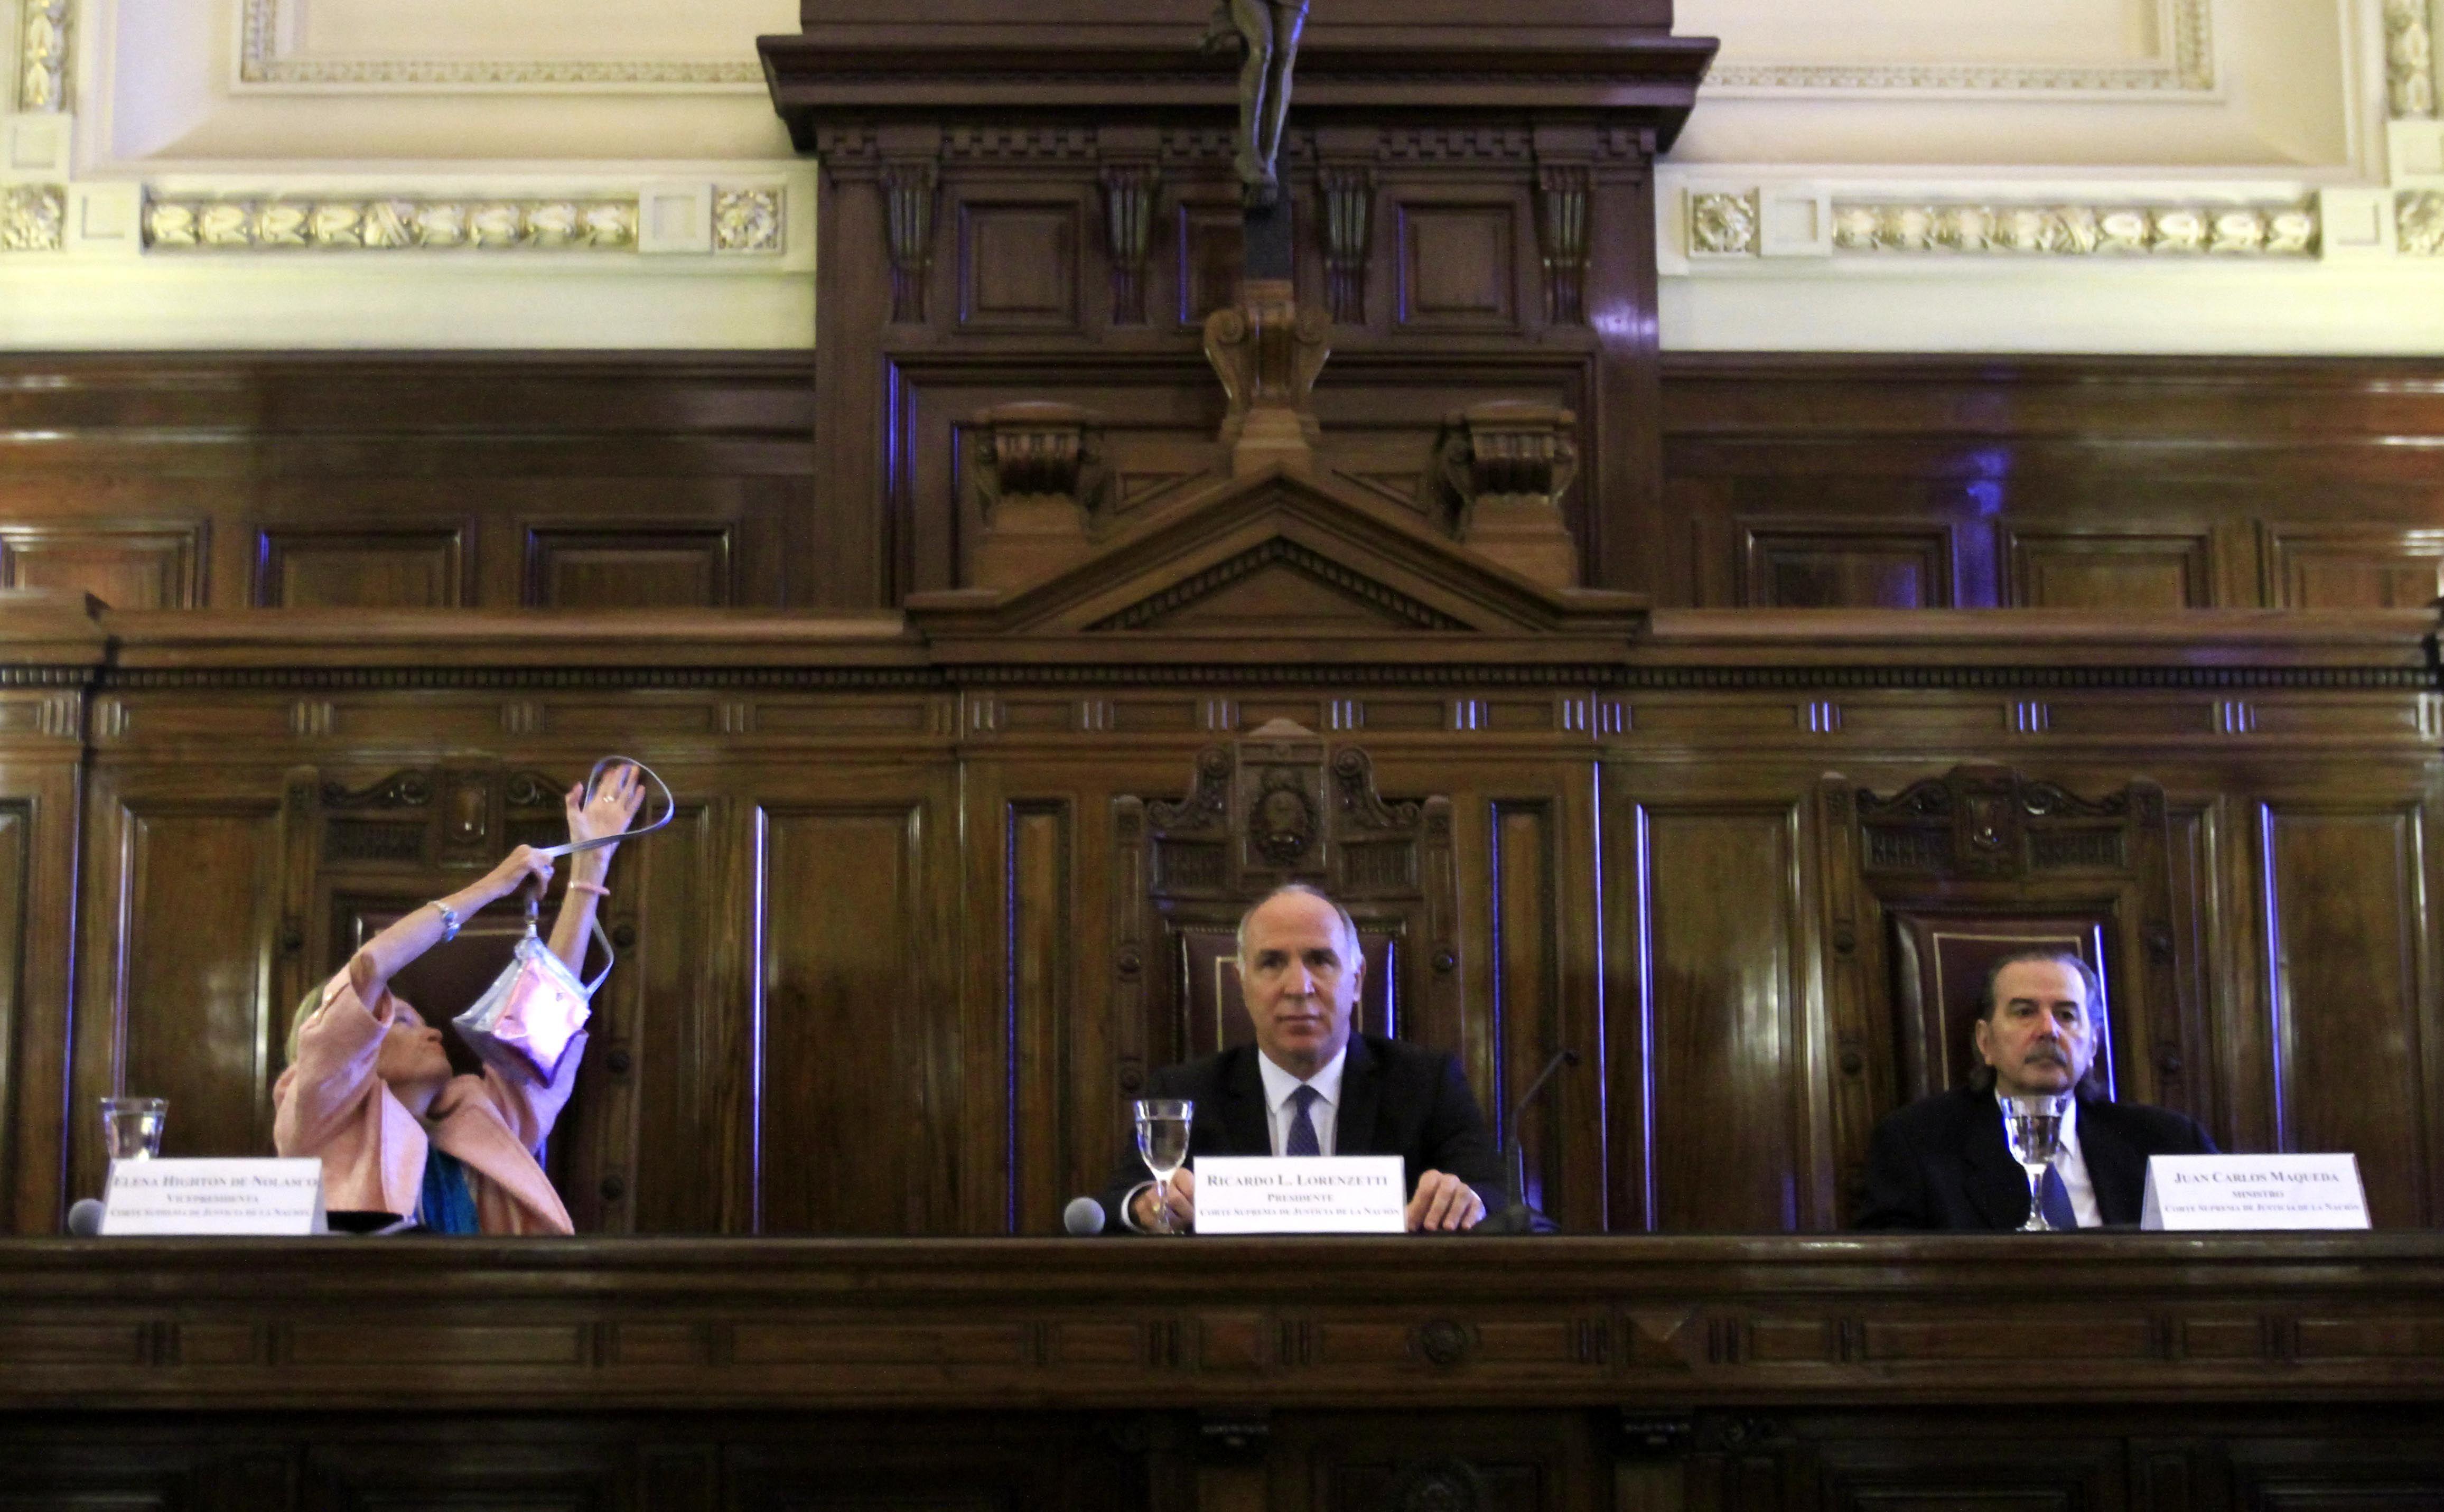 El Gobierno descarta por ahora ampliar la Corte